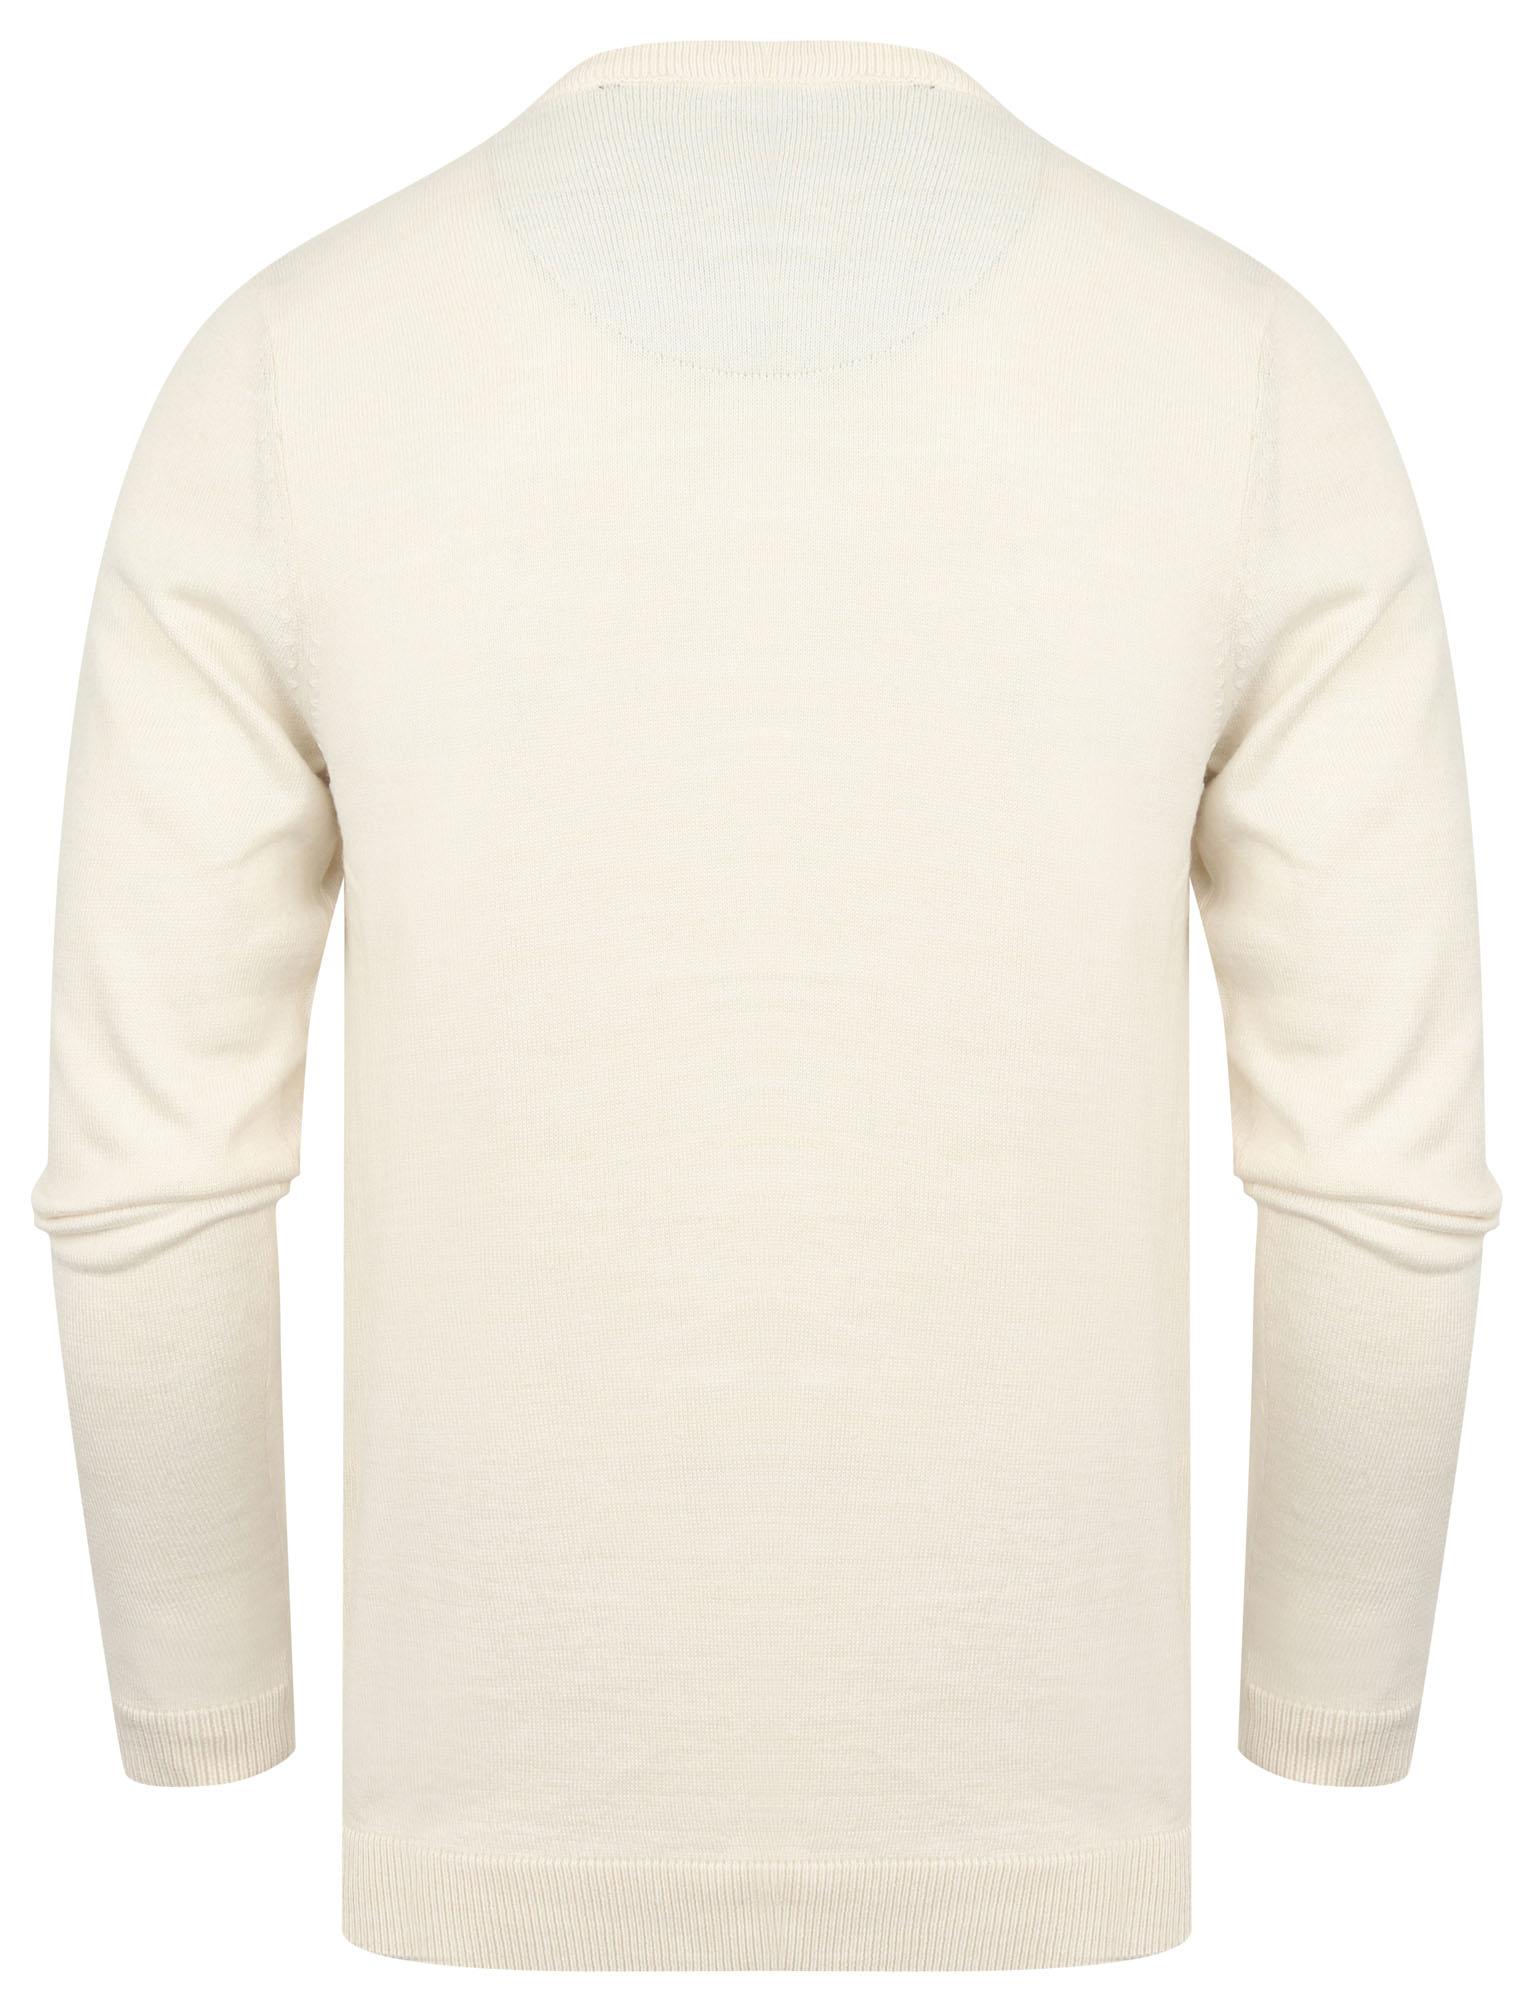 Kensington-Eastside-Men-039-s-Knitted-Crew-or-V-Neck-Jumper-Sweater-Top-Pullover thumbnail 27